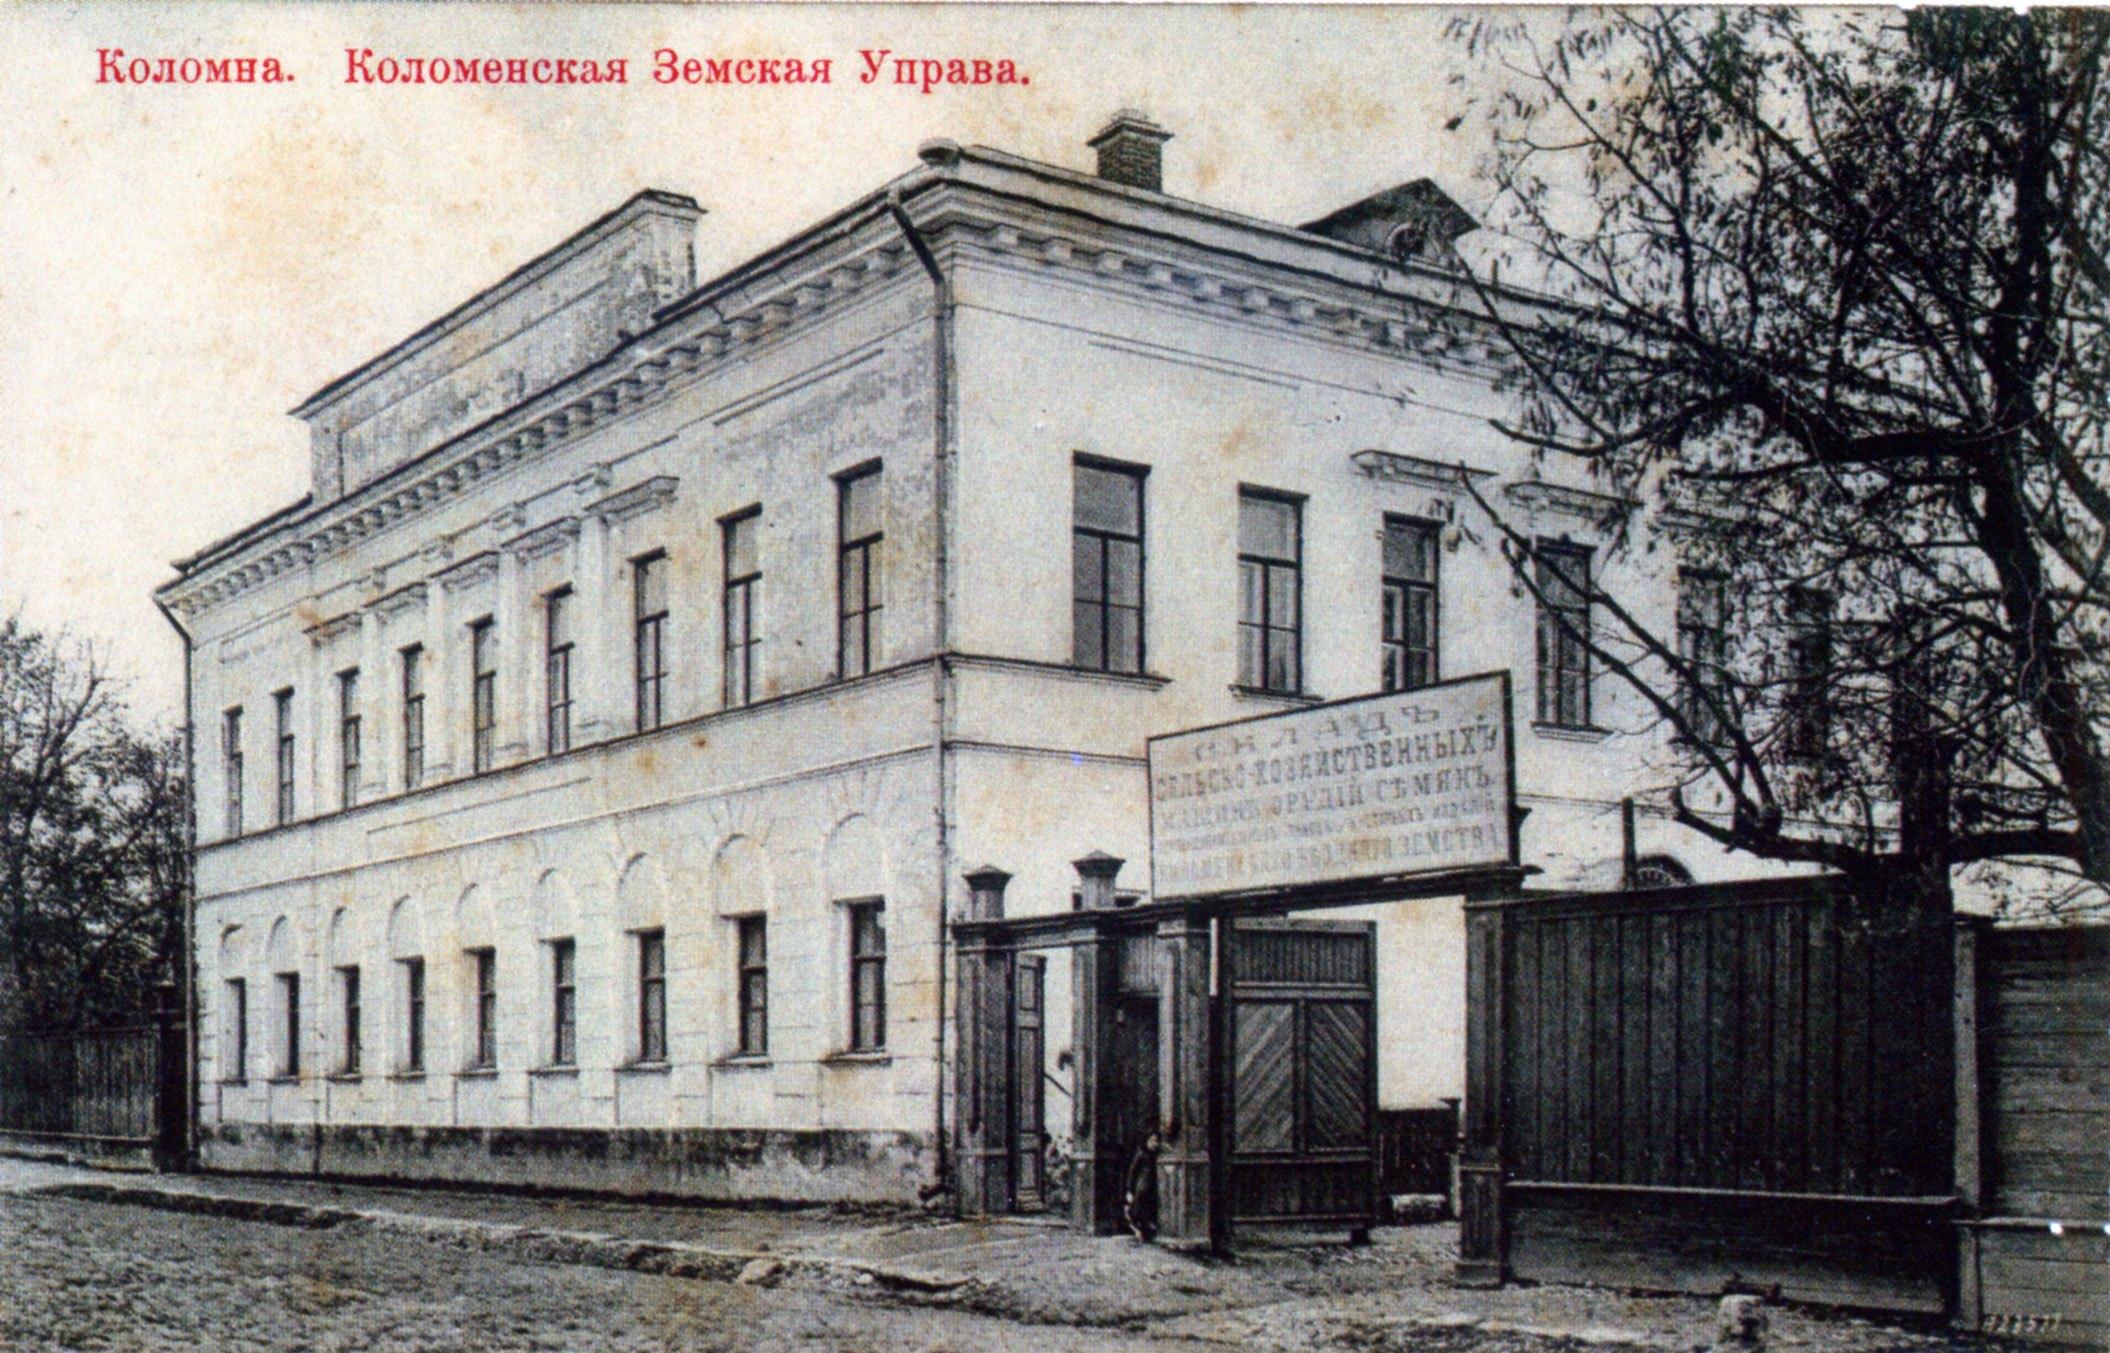 Мещаниновская улица. Коломенская земская управа